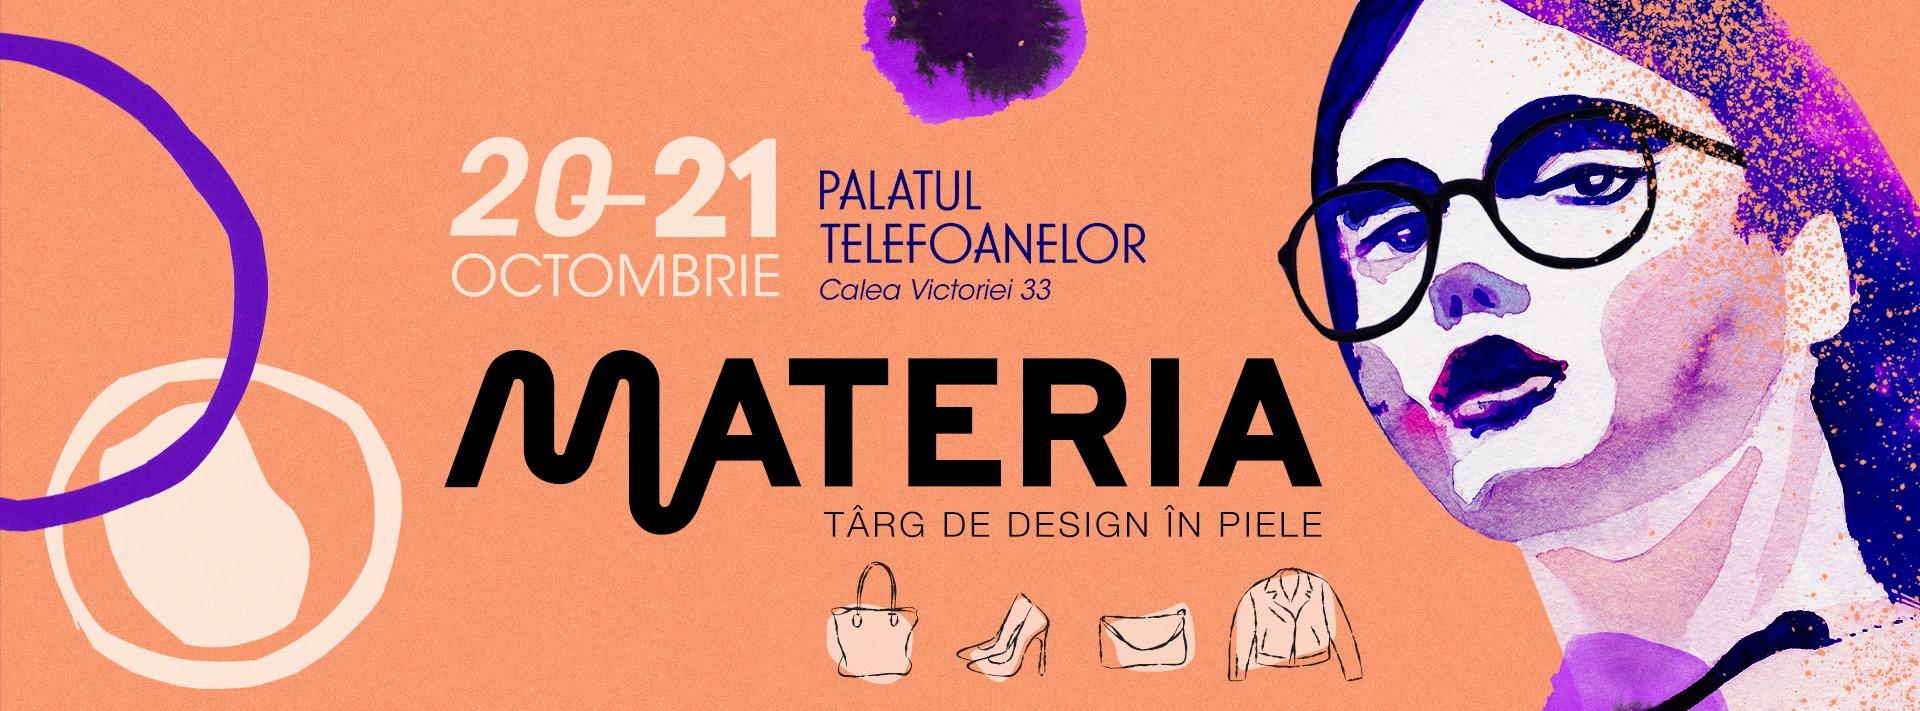 Materia, targ de design in piele